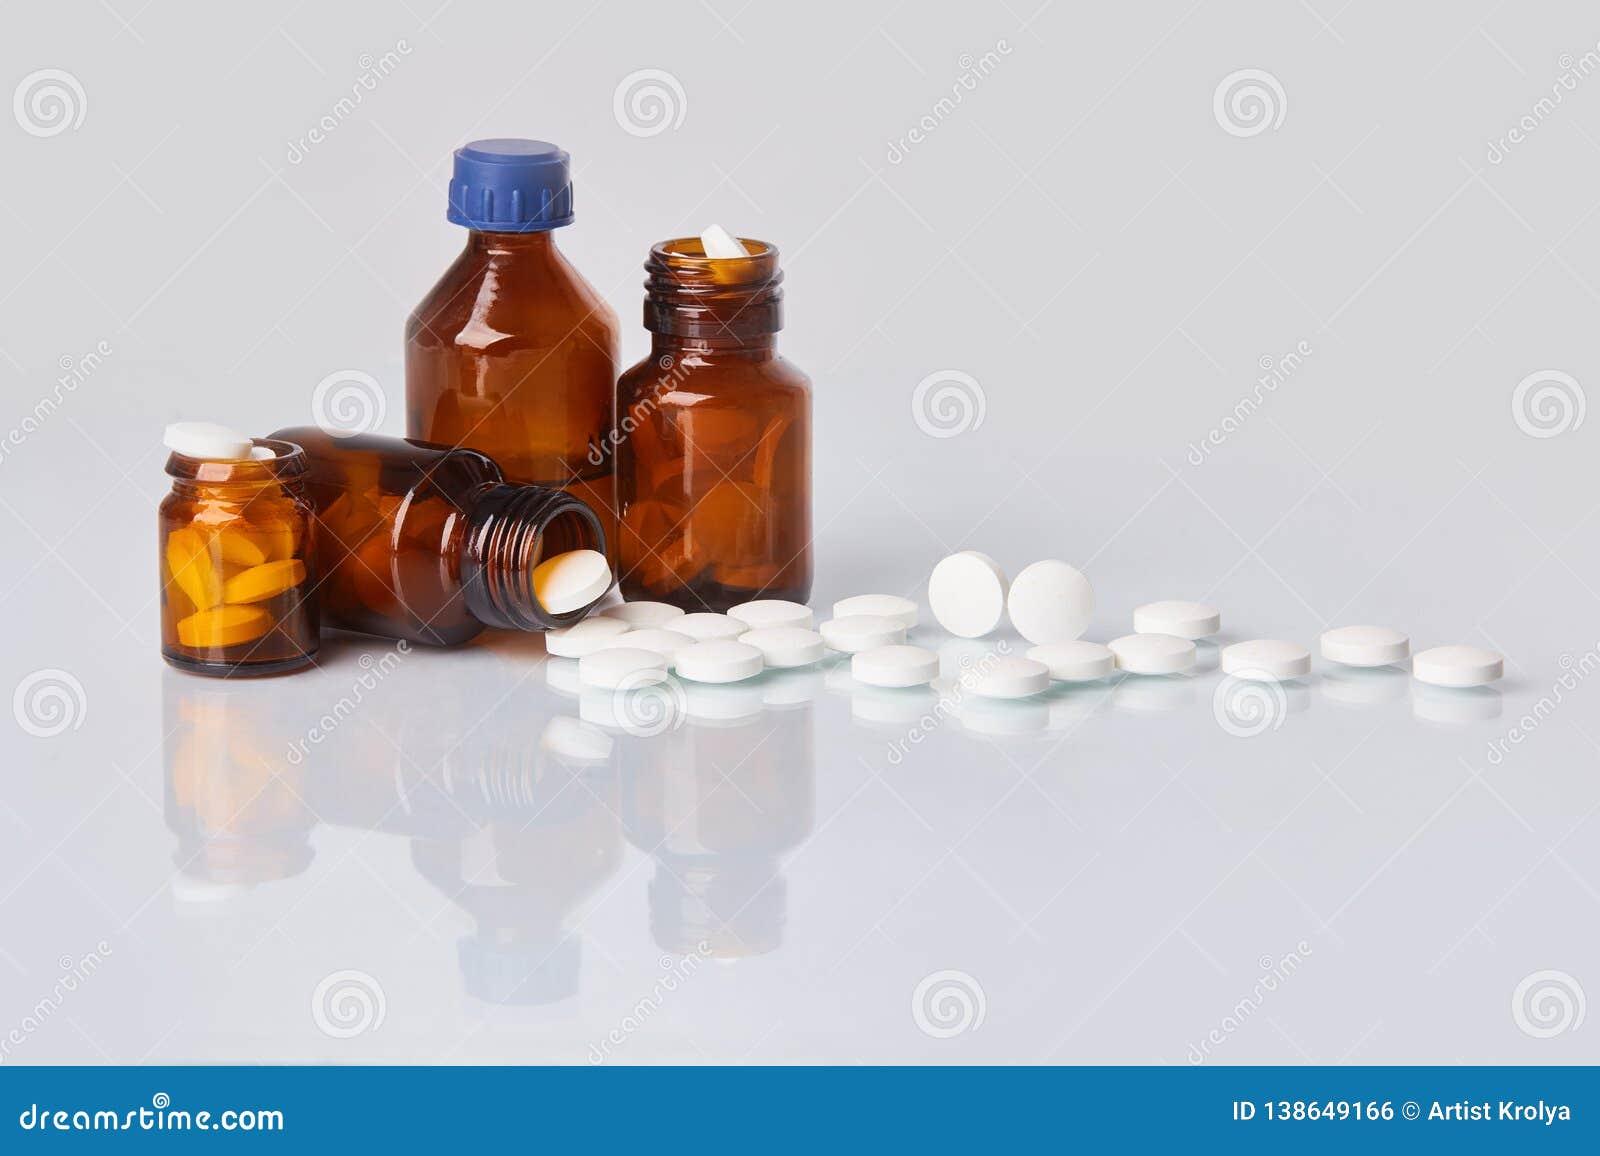 Tabuletas e comprimidos brancos na garrafa de vidro escura no fundo branco